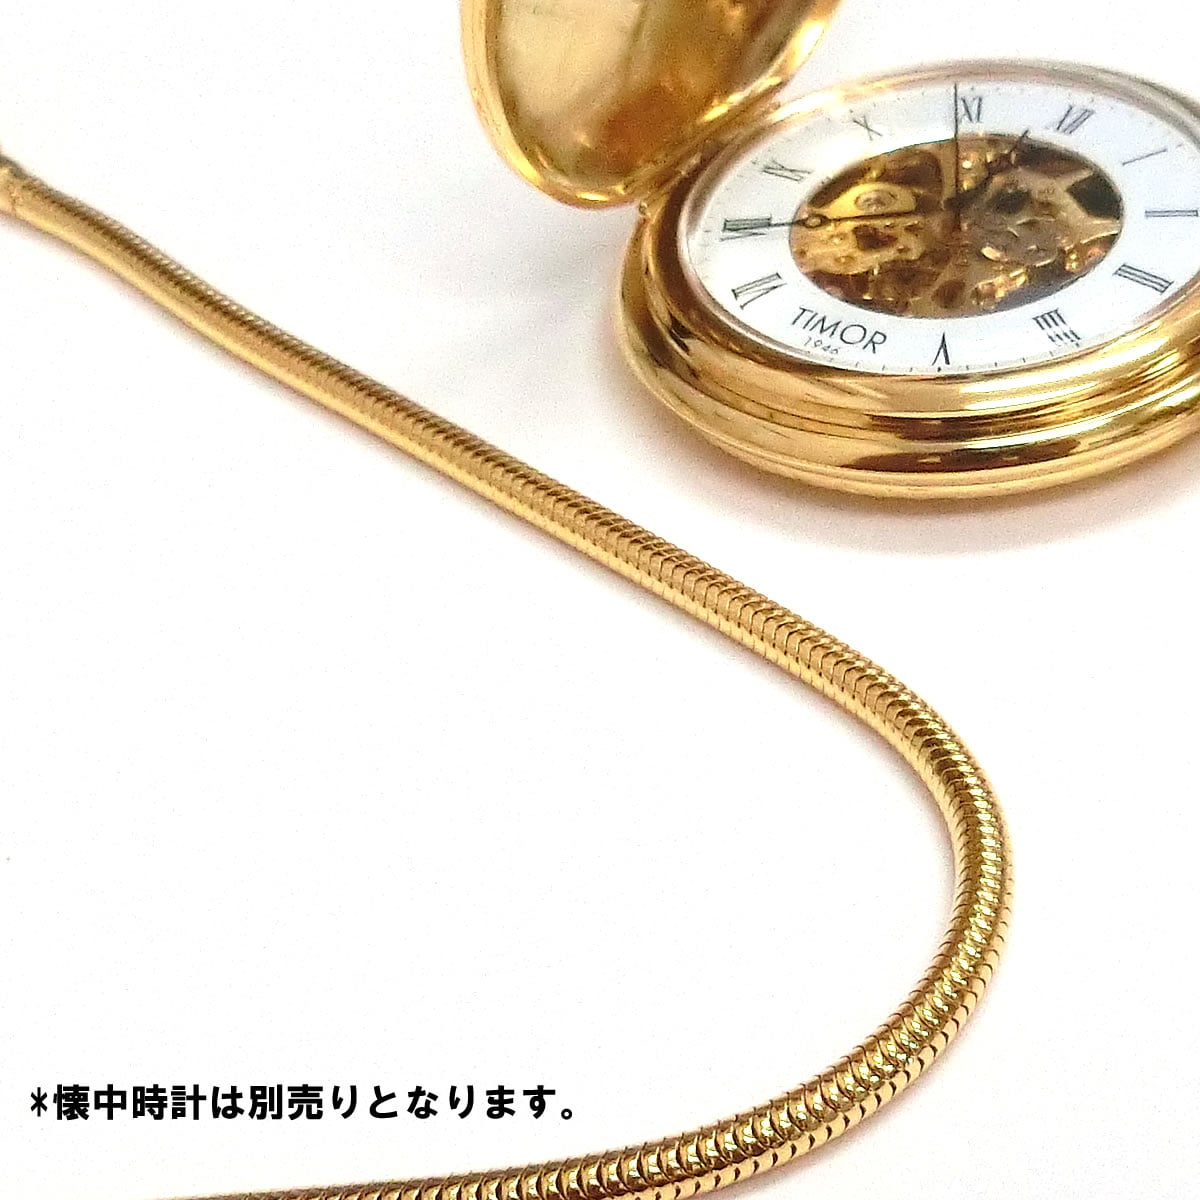 懐中時計は別途販売